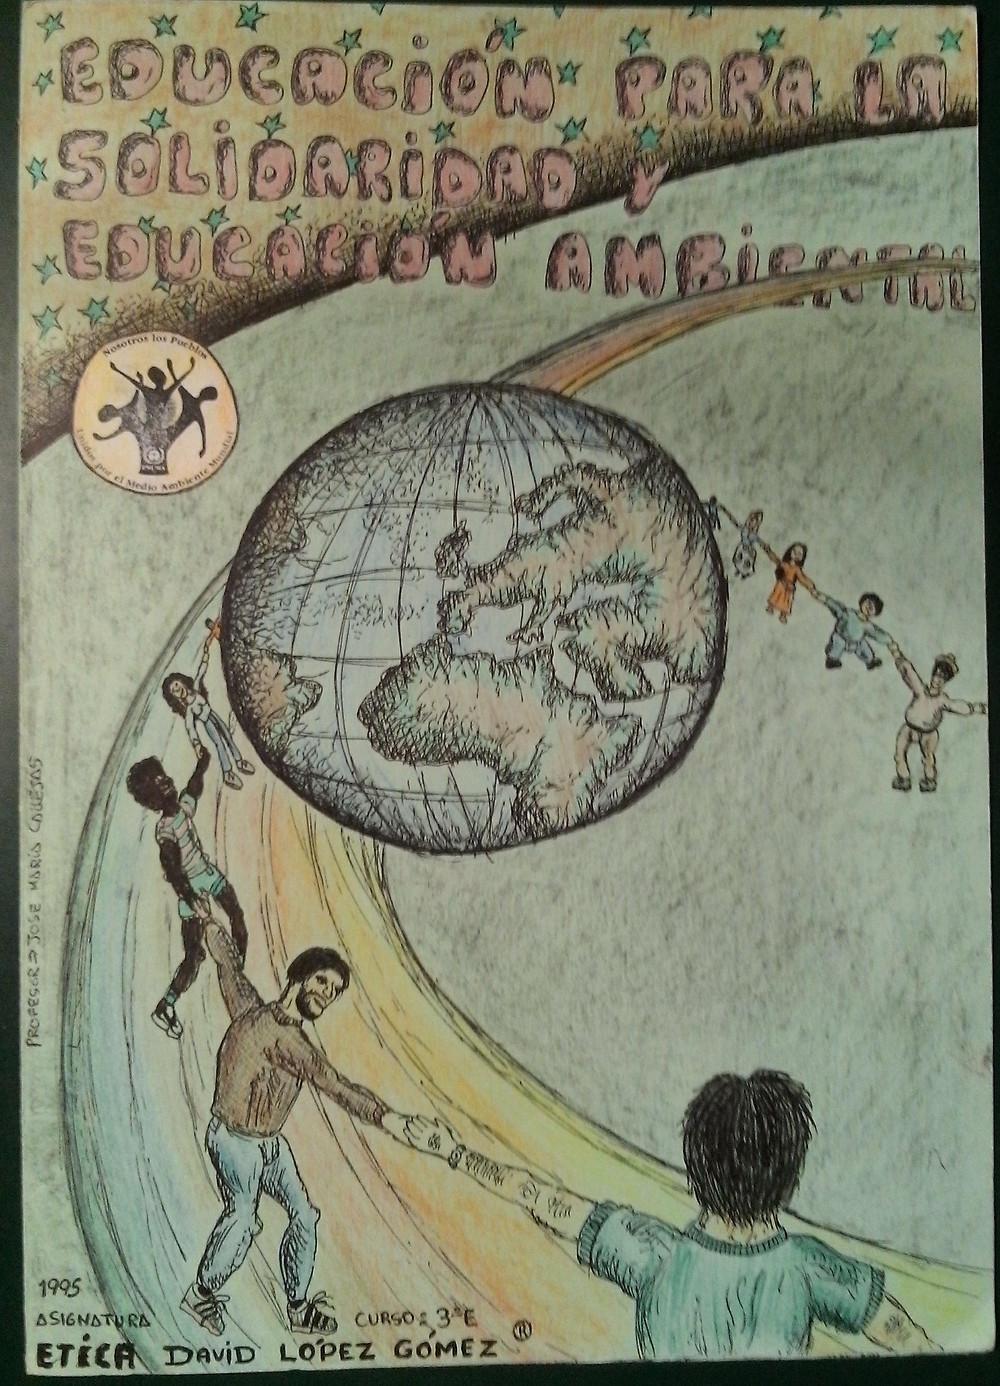 Dibujo original de David López Gómez, alumno de Ética de Bachillerato Unificado Polivalente.